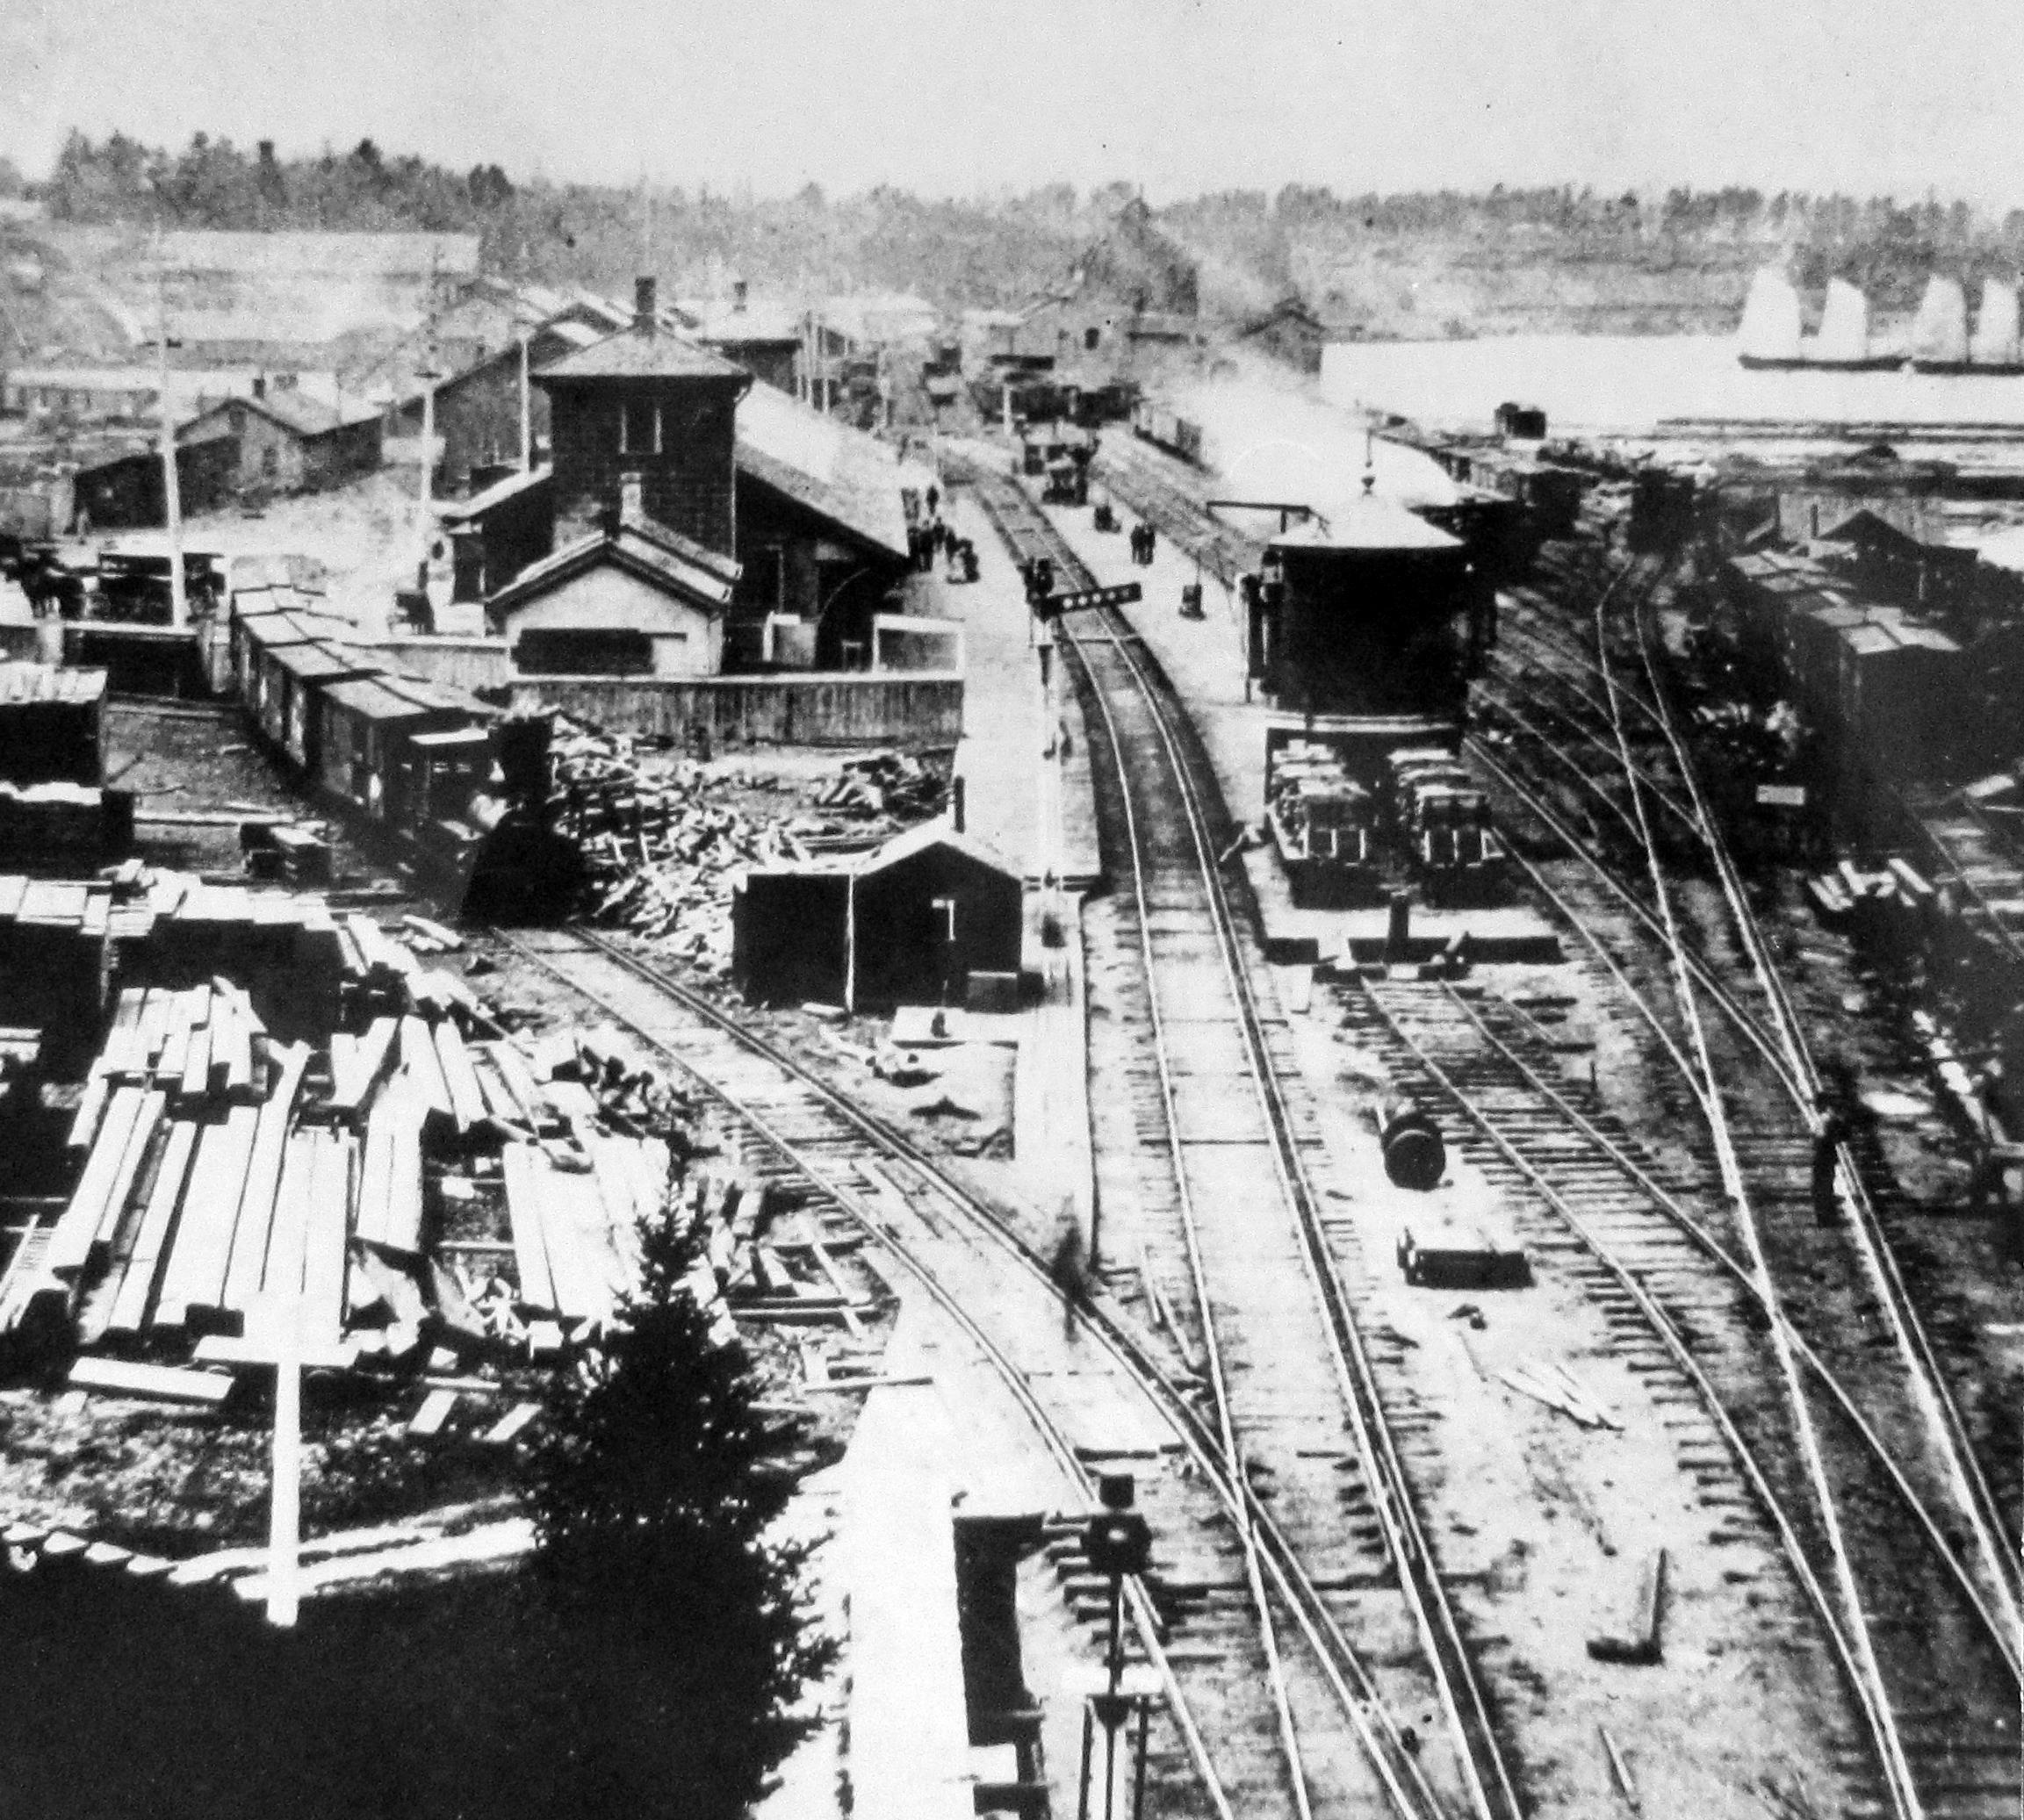 Wagons alignés d'un côté de la gare de triage de la Great Western Railway. On voit aussi sur l'image des piles de bois et d'autres matériaux sur les voies. Deux travailleurs se trouvent à l'avant-plan.